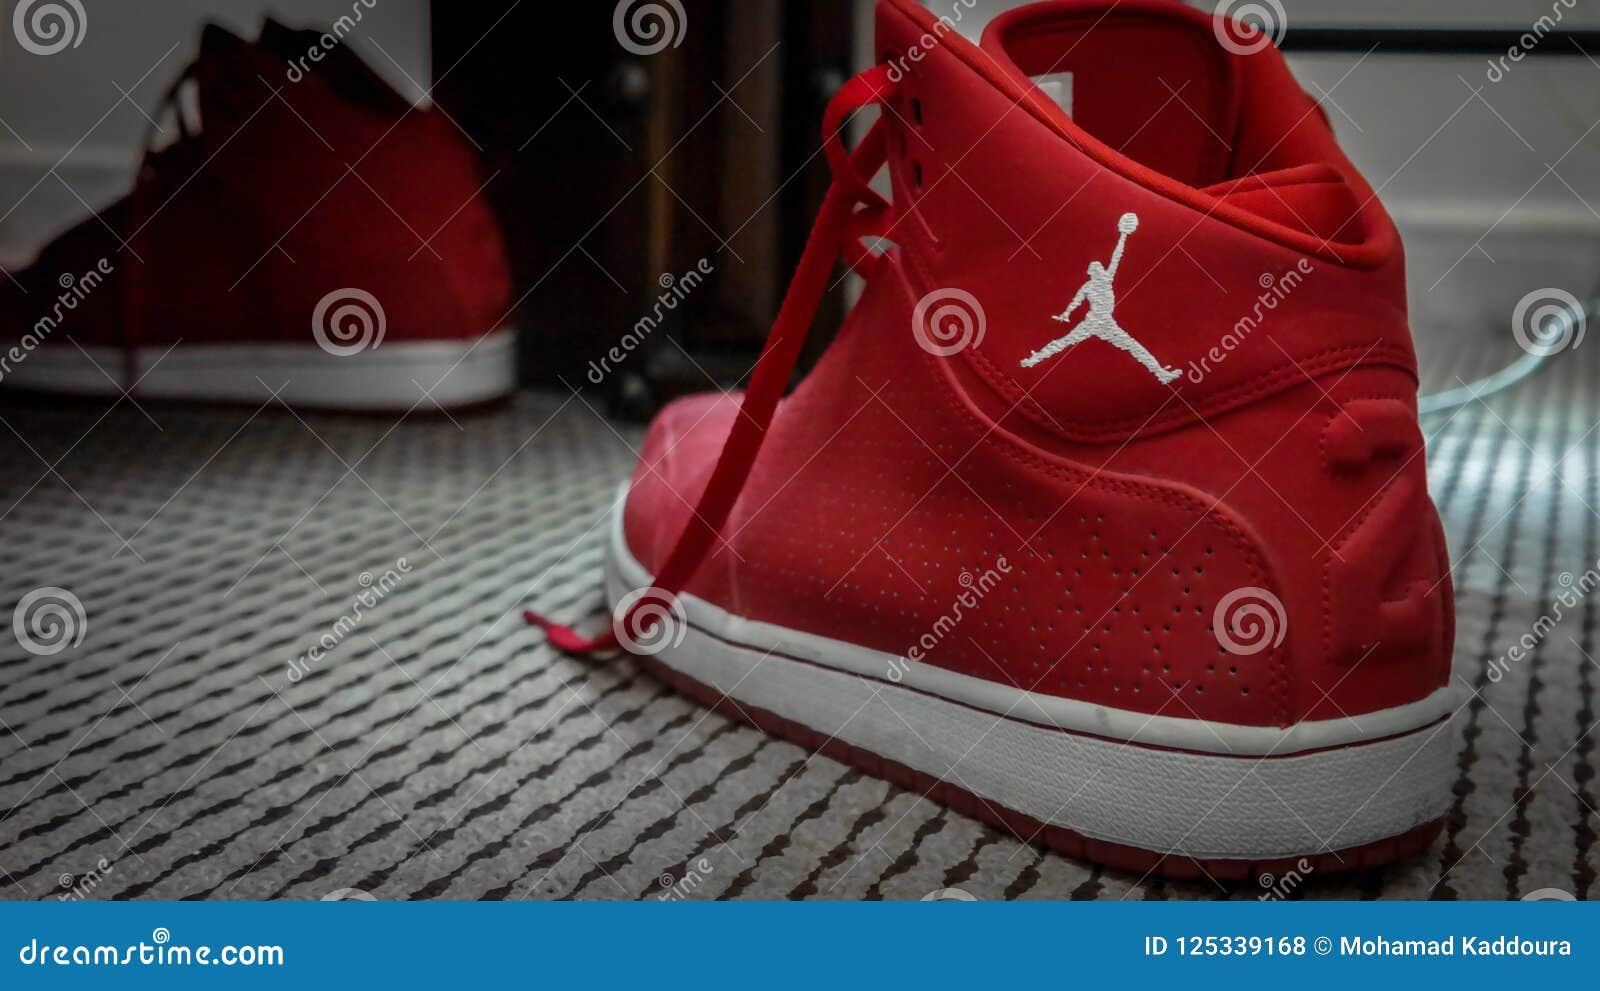 Sapatilhas vermelhas e brancas do basquetebol de Nike MJ 23